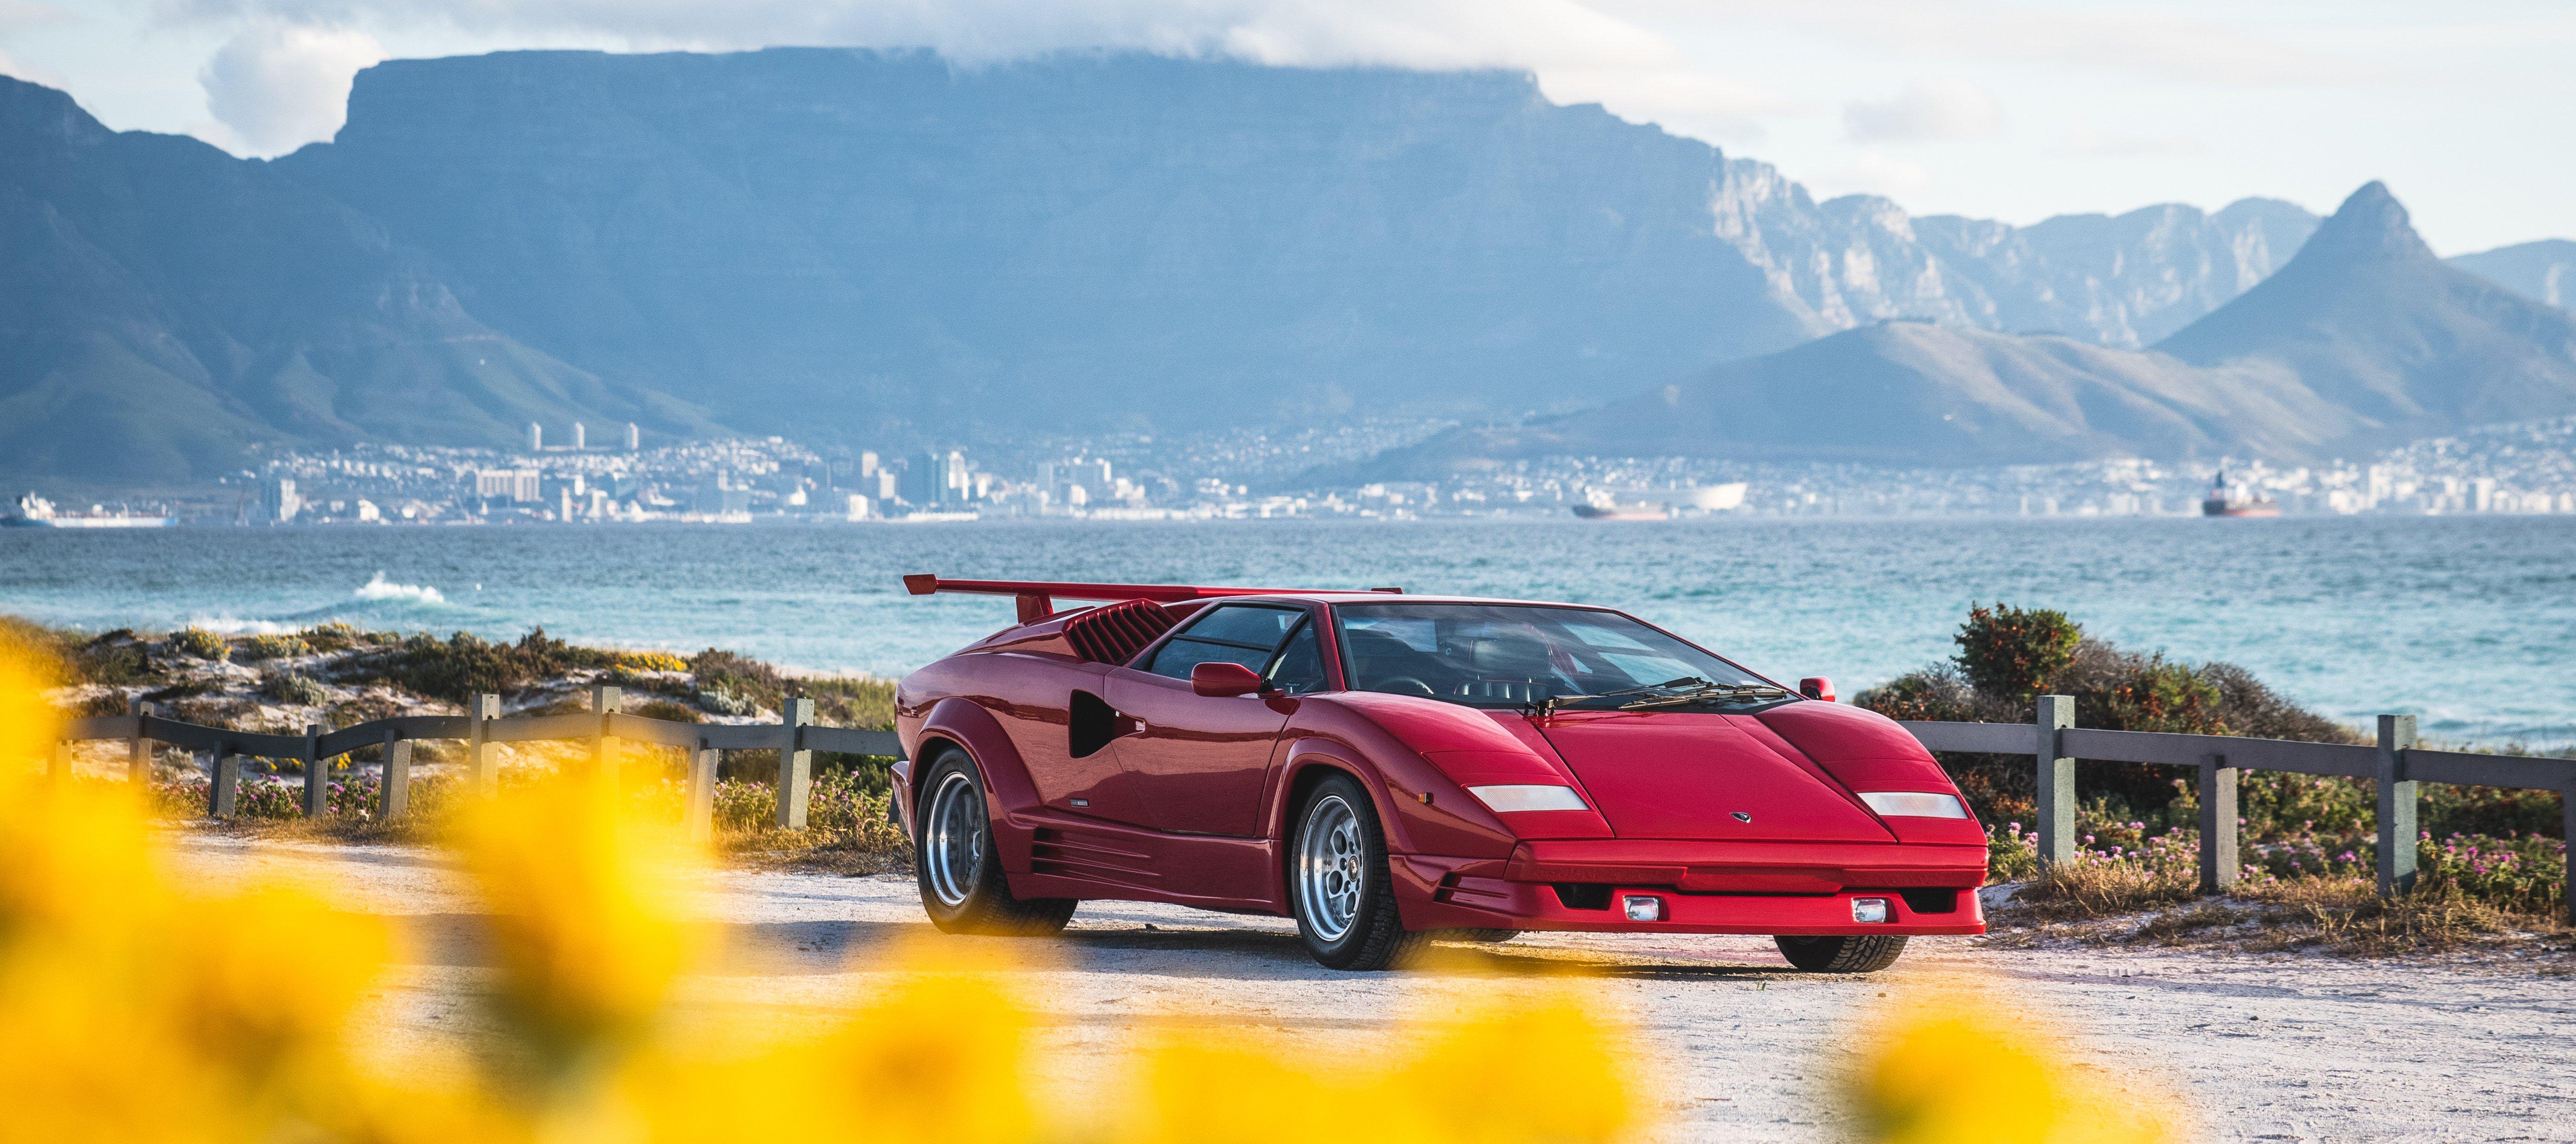 Lamborghini 25th 16 9 (1 of 1).jpg